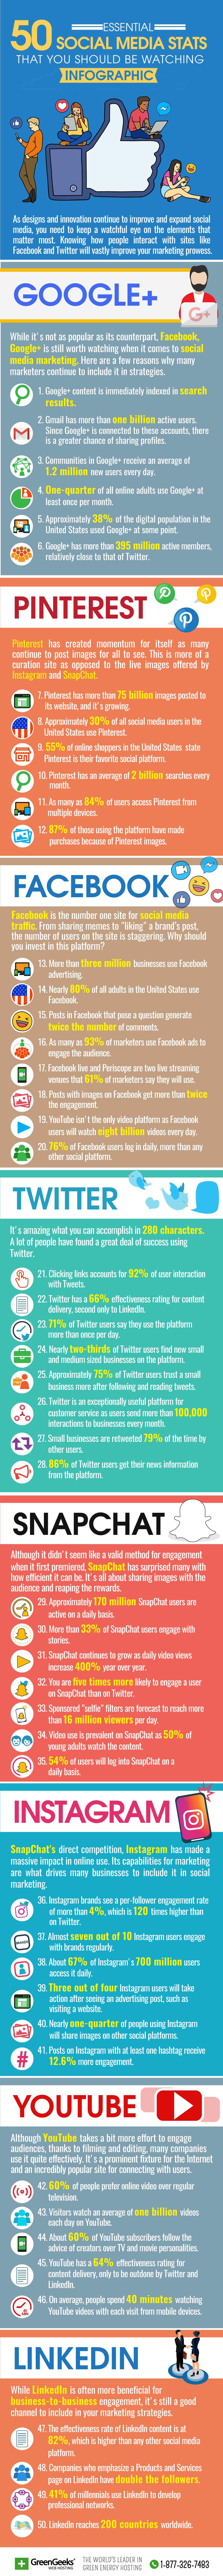 50 Essential Social Media Stats